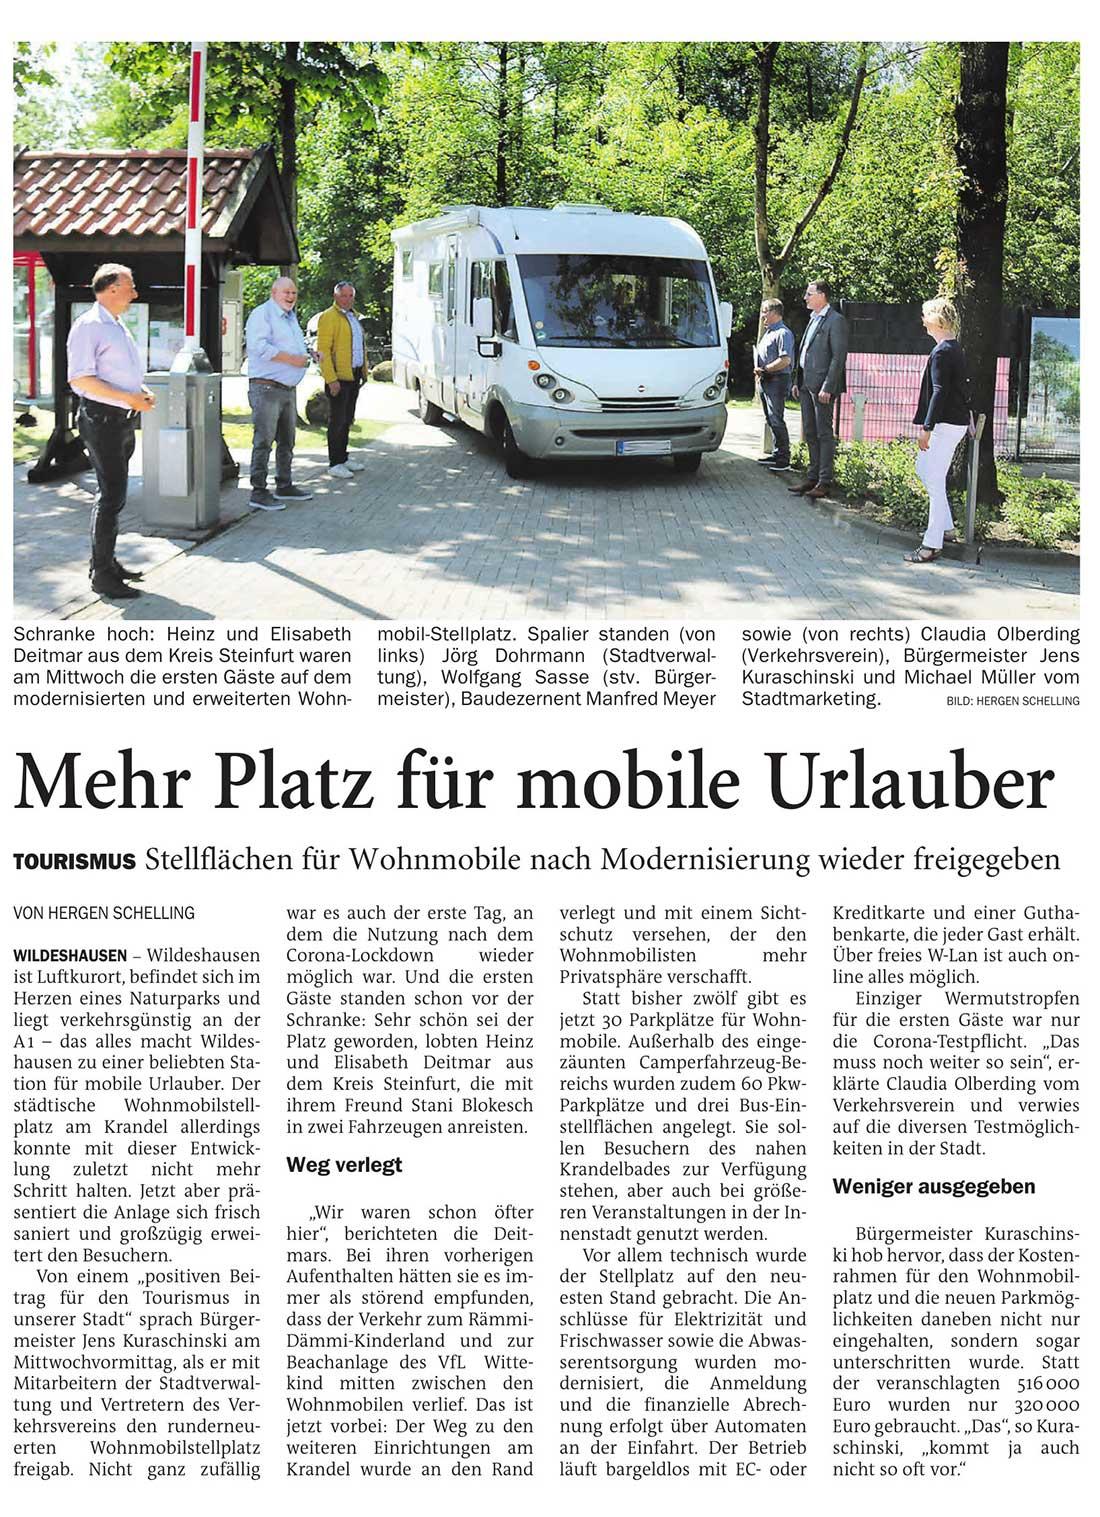 Mehr Platz für mobile UrlauberTourismus: Stellflächen für Wohnmobile nach Modernisierung wieder freigegebenArtikel vom 03.06.2021 (NWZ)